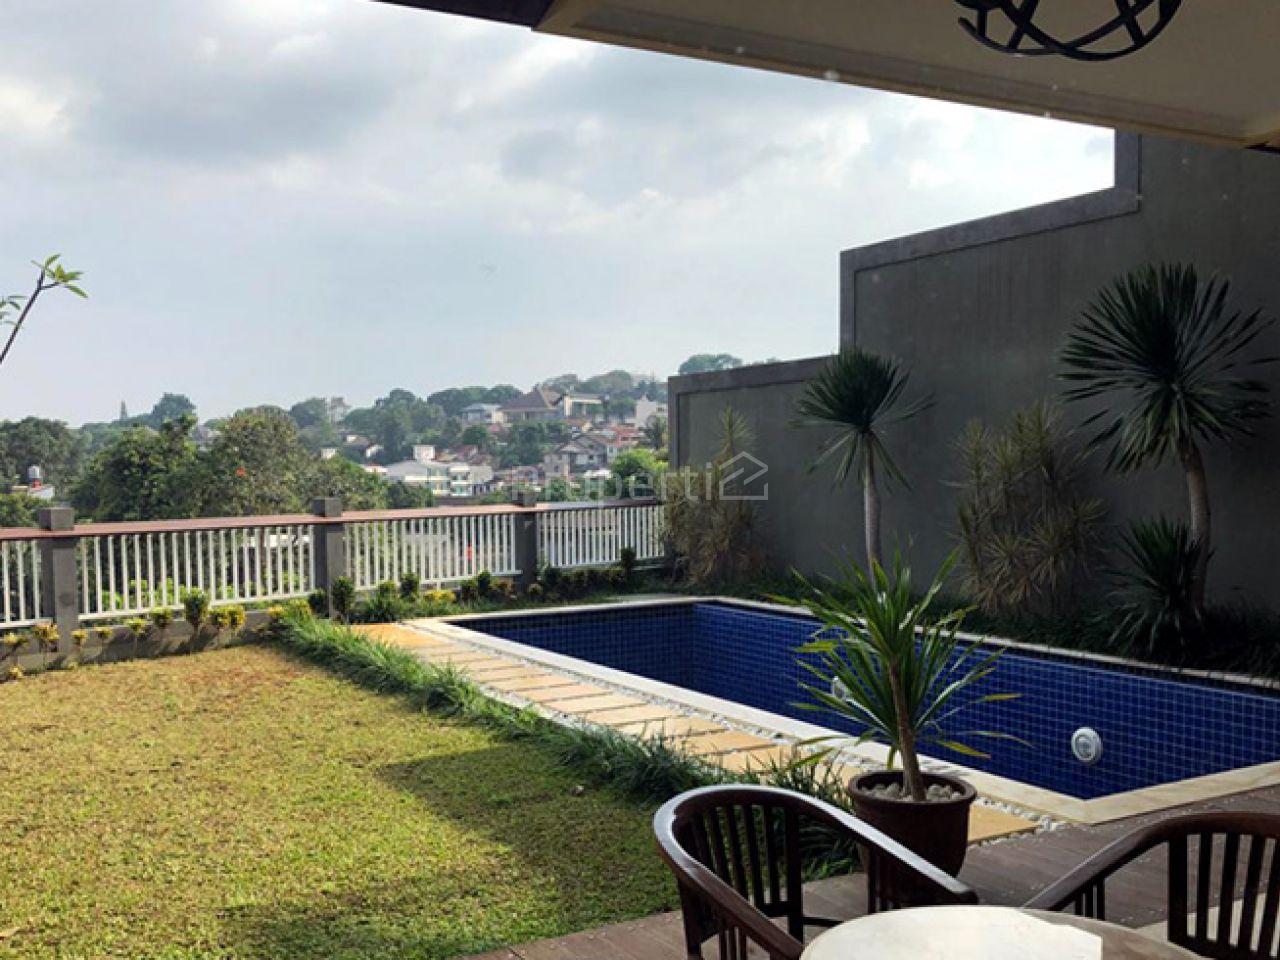 Rumah Baru Minimalis Modern 3.5 Lantai dengan Pool di Hegarmanah, Kota Bandung